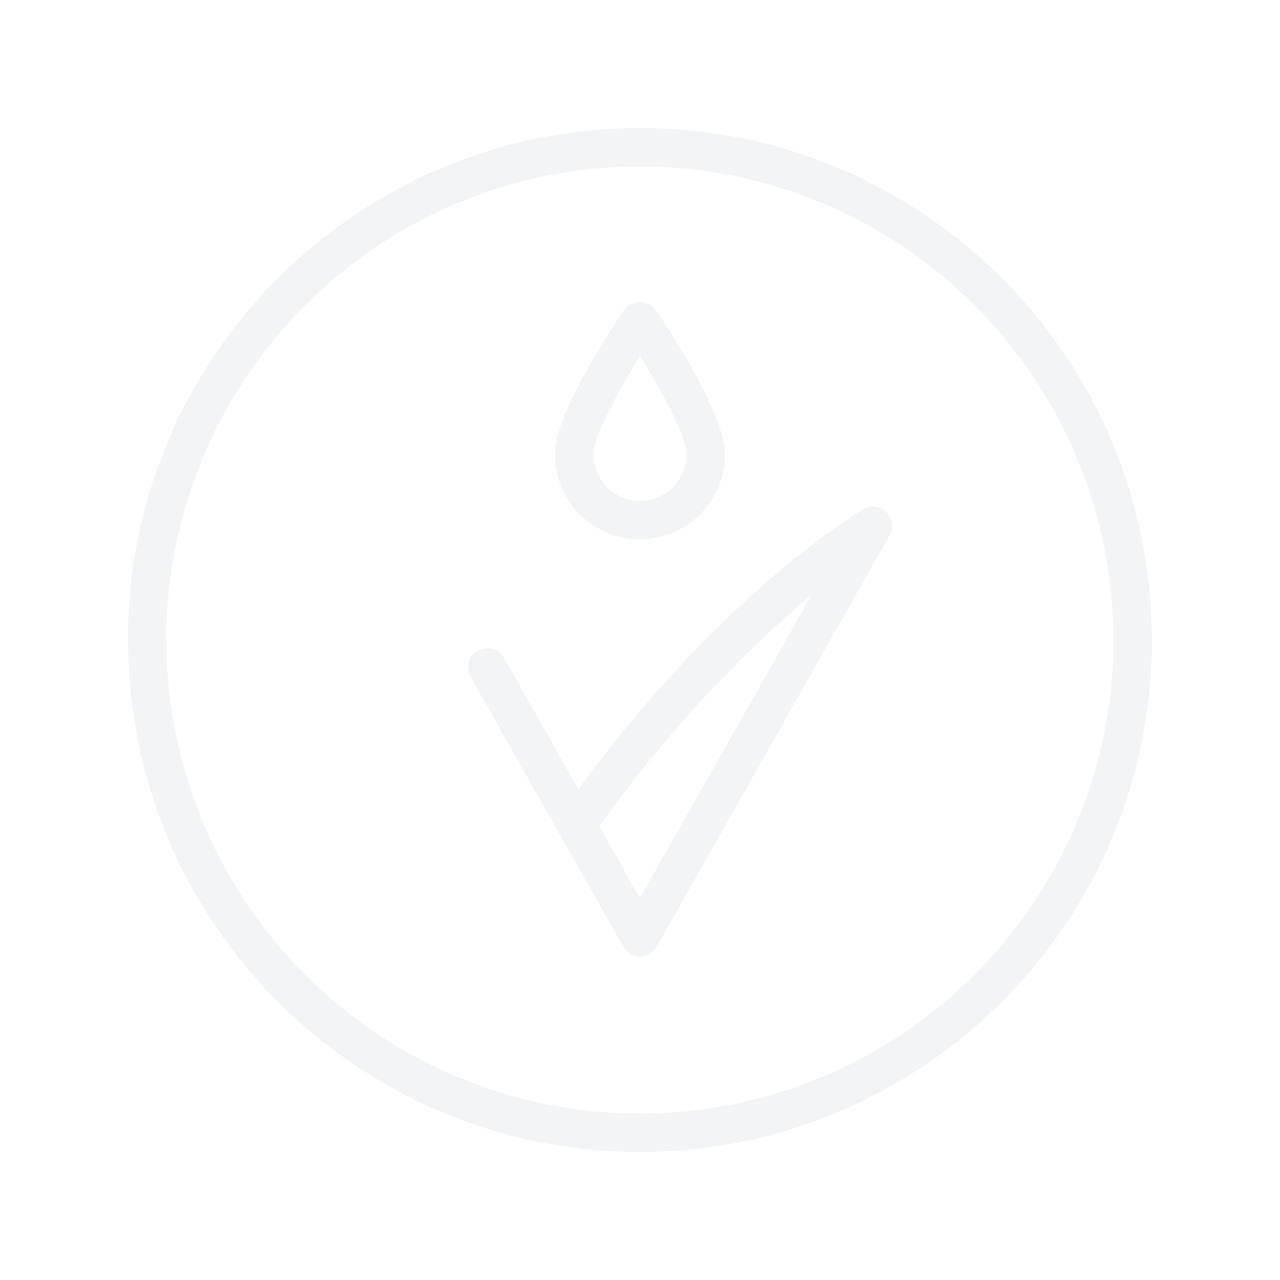 ELIE SAAB Le Parfum 30ml Eau De Parfum Gift Set